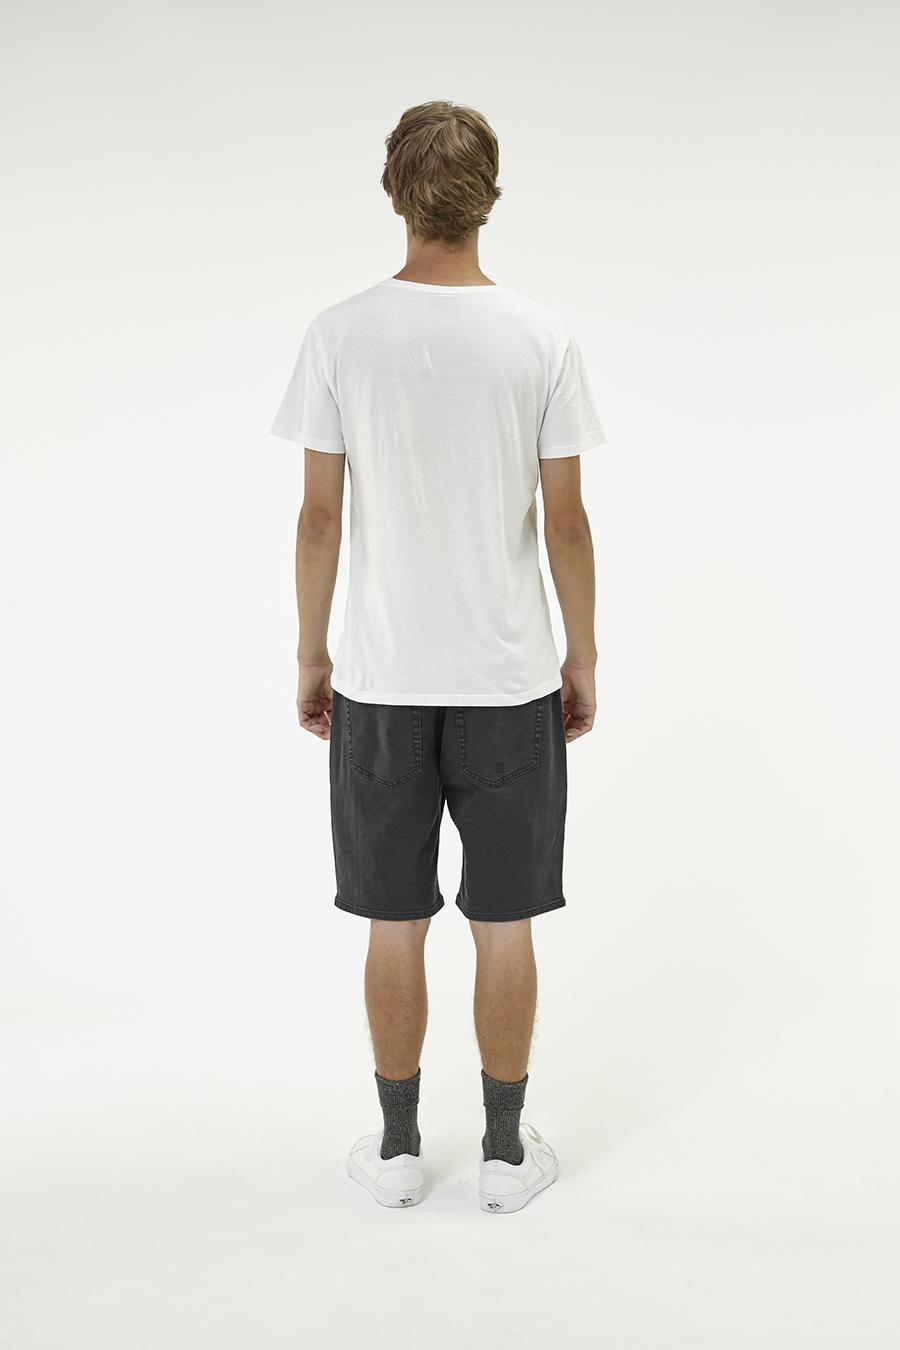 Huffer_Q3-16_M-Rolling-Short_Washed-Black-03